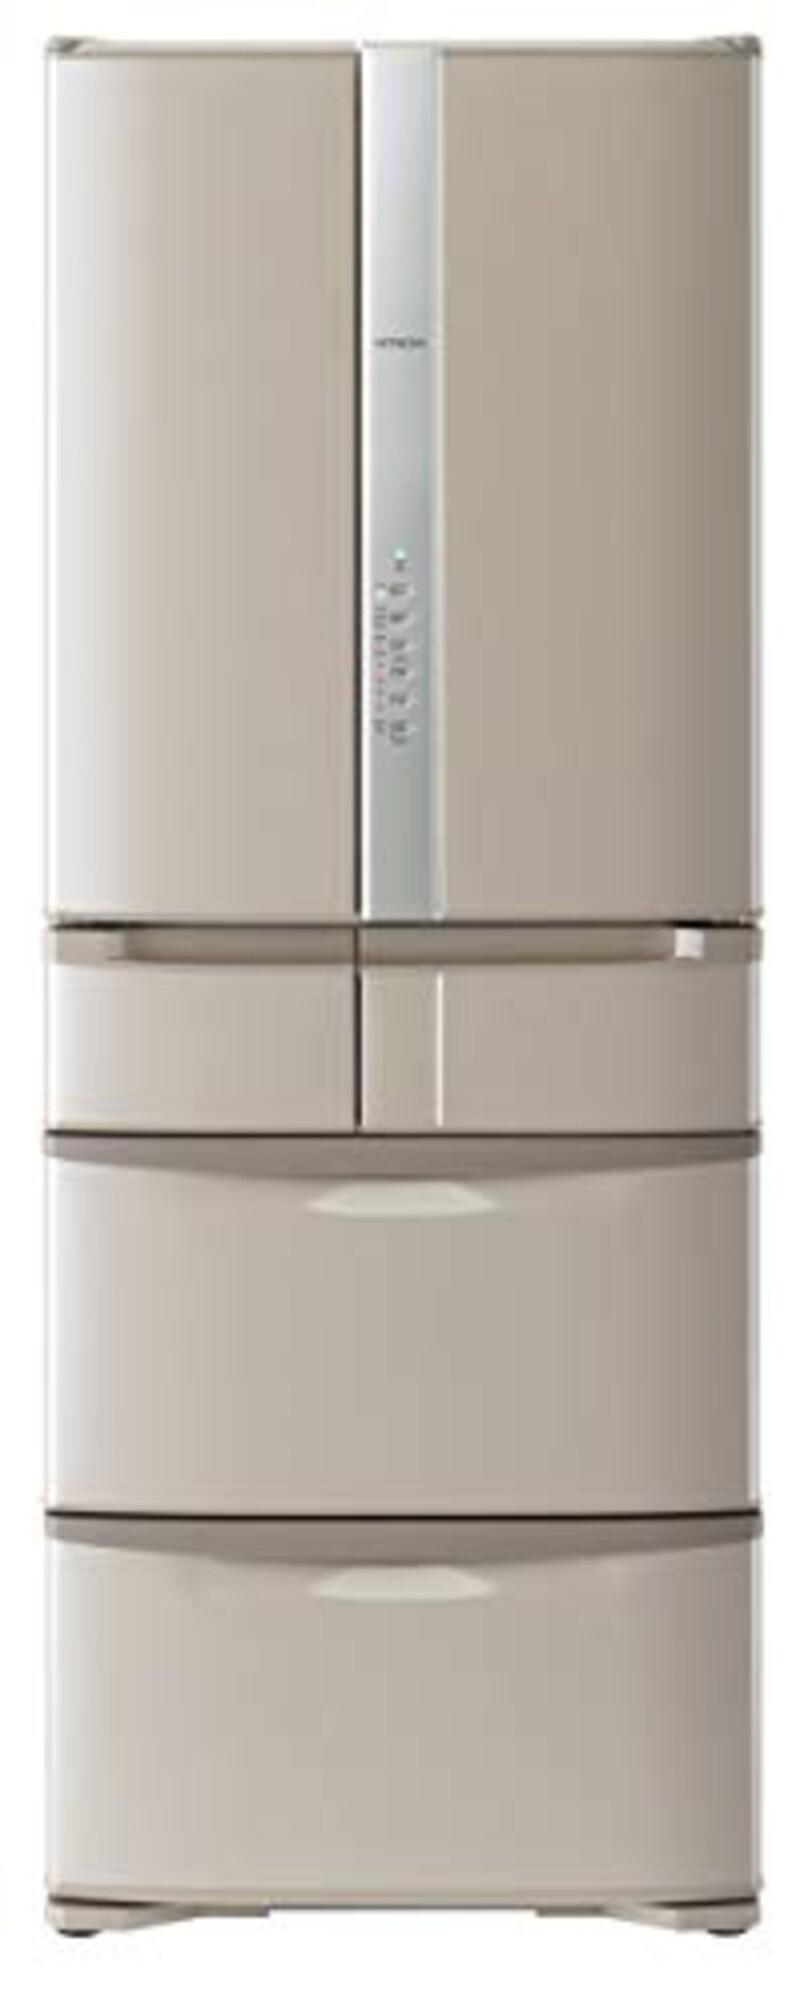 HITACHI(ヒタチ),冷蔵庫 505L,R-F51MG T